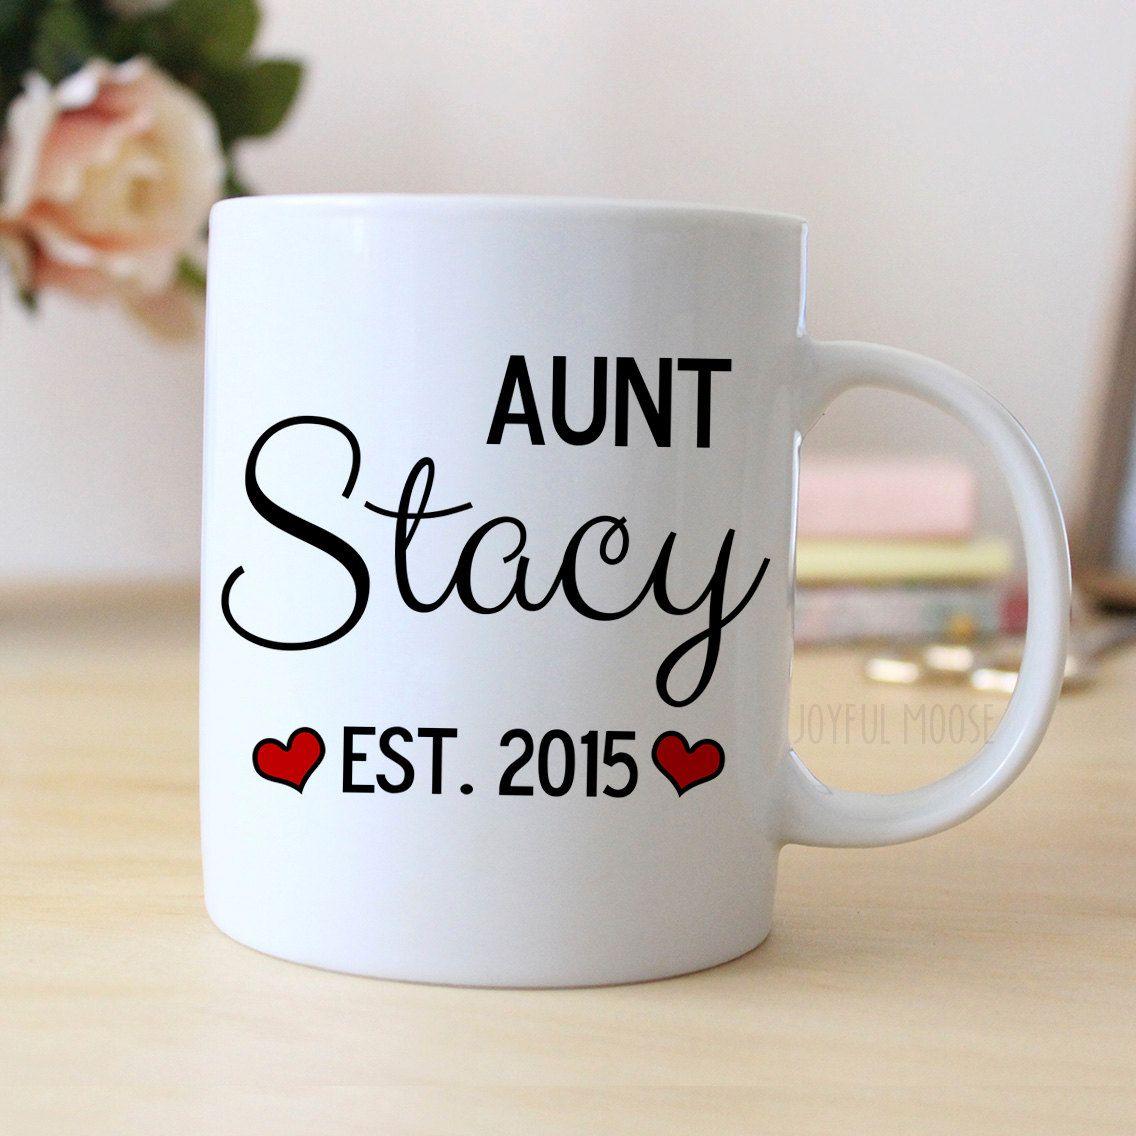 New to JoyfulMoose on Etsy: Aunt Personalized Mug ...